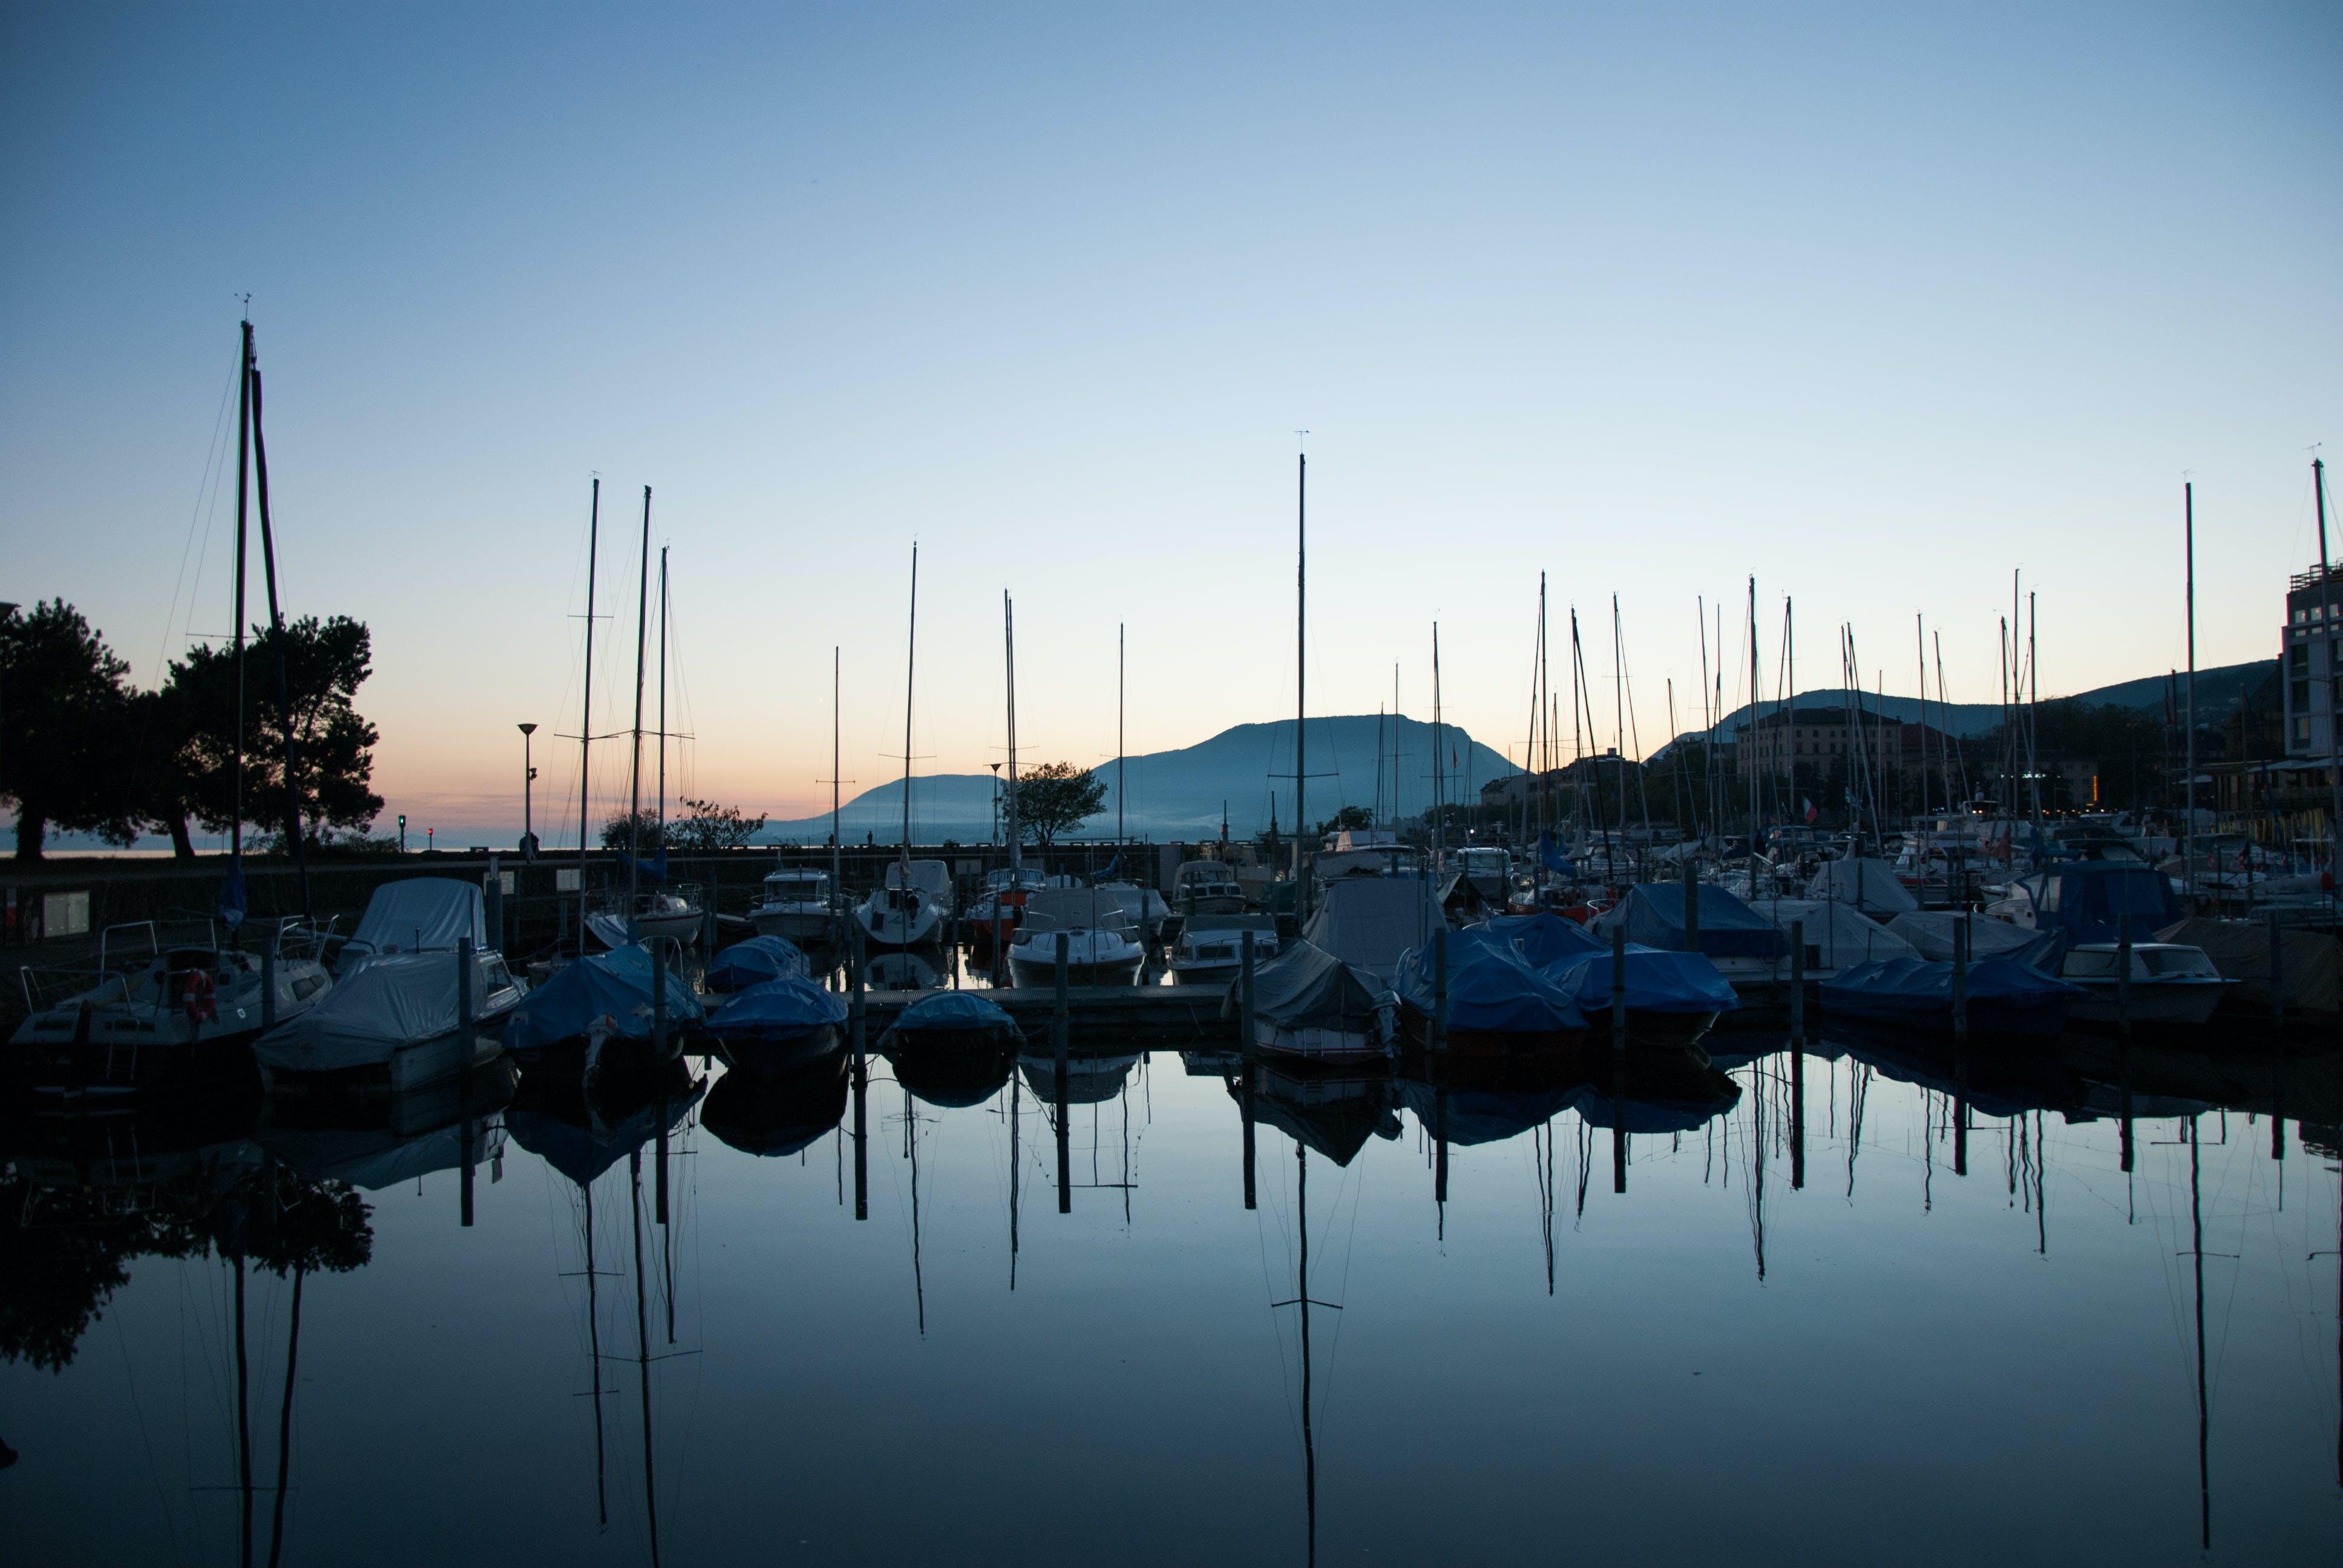 Gratis arkivbilde med båter, havn, solskinn